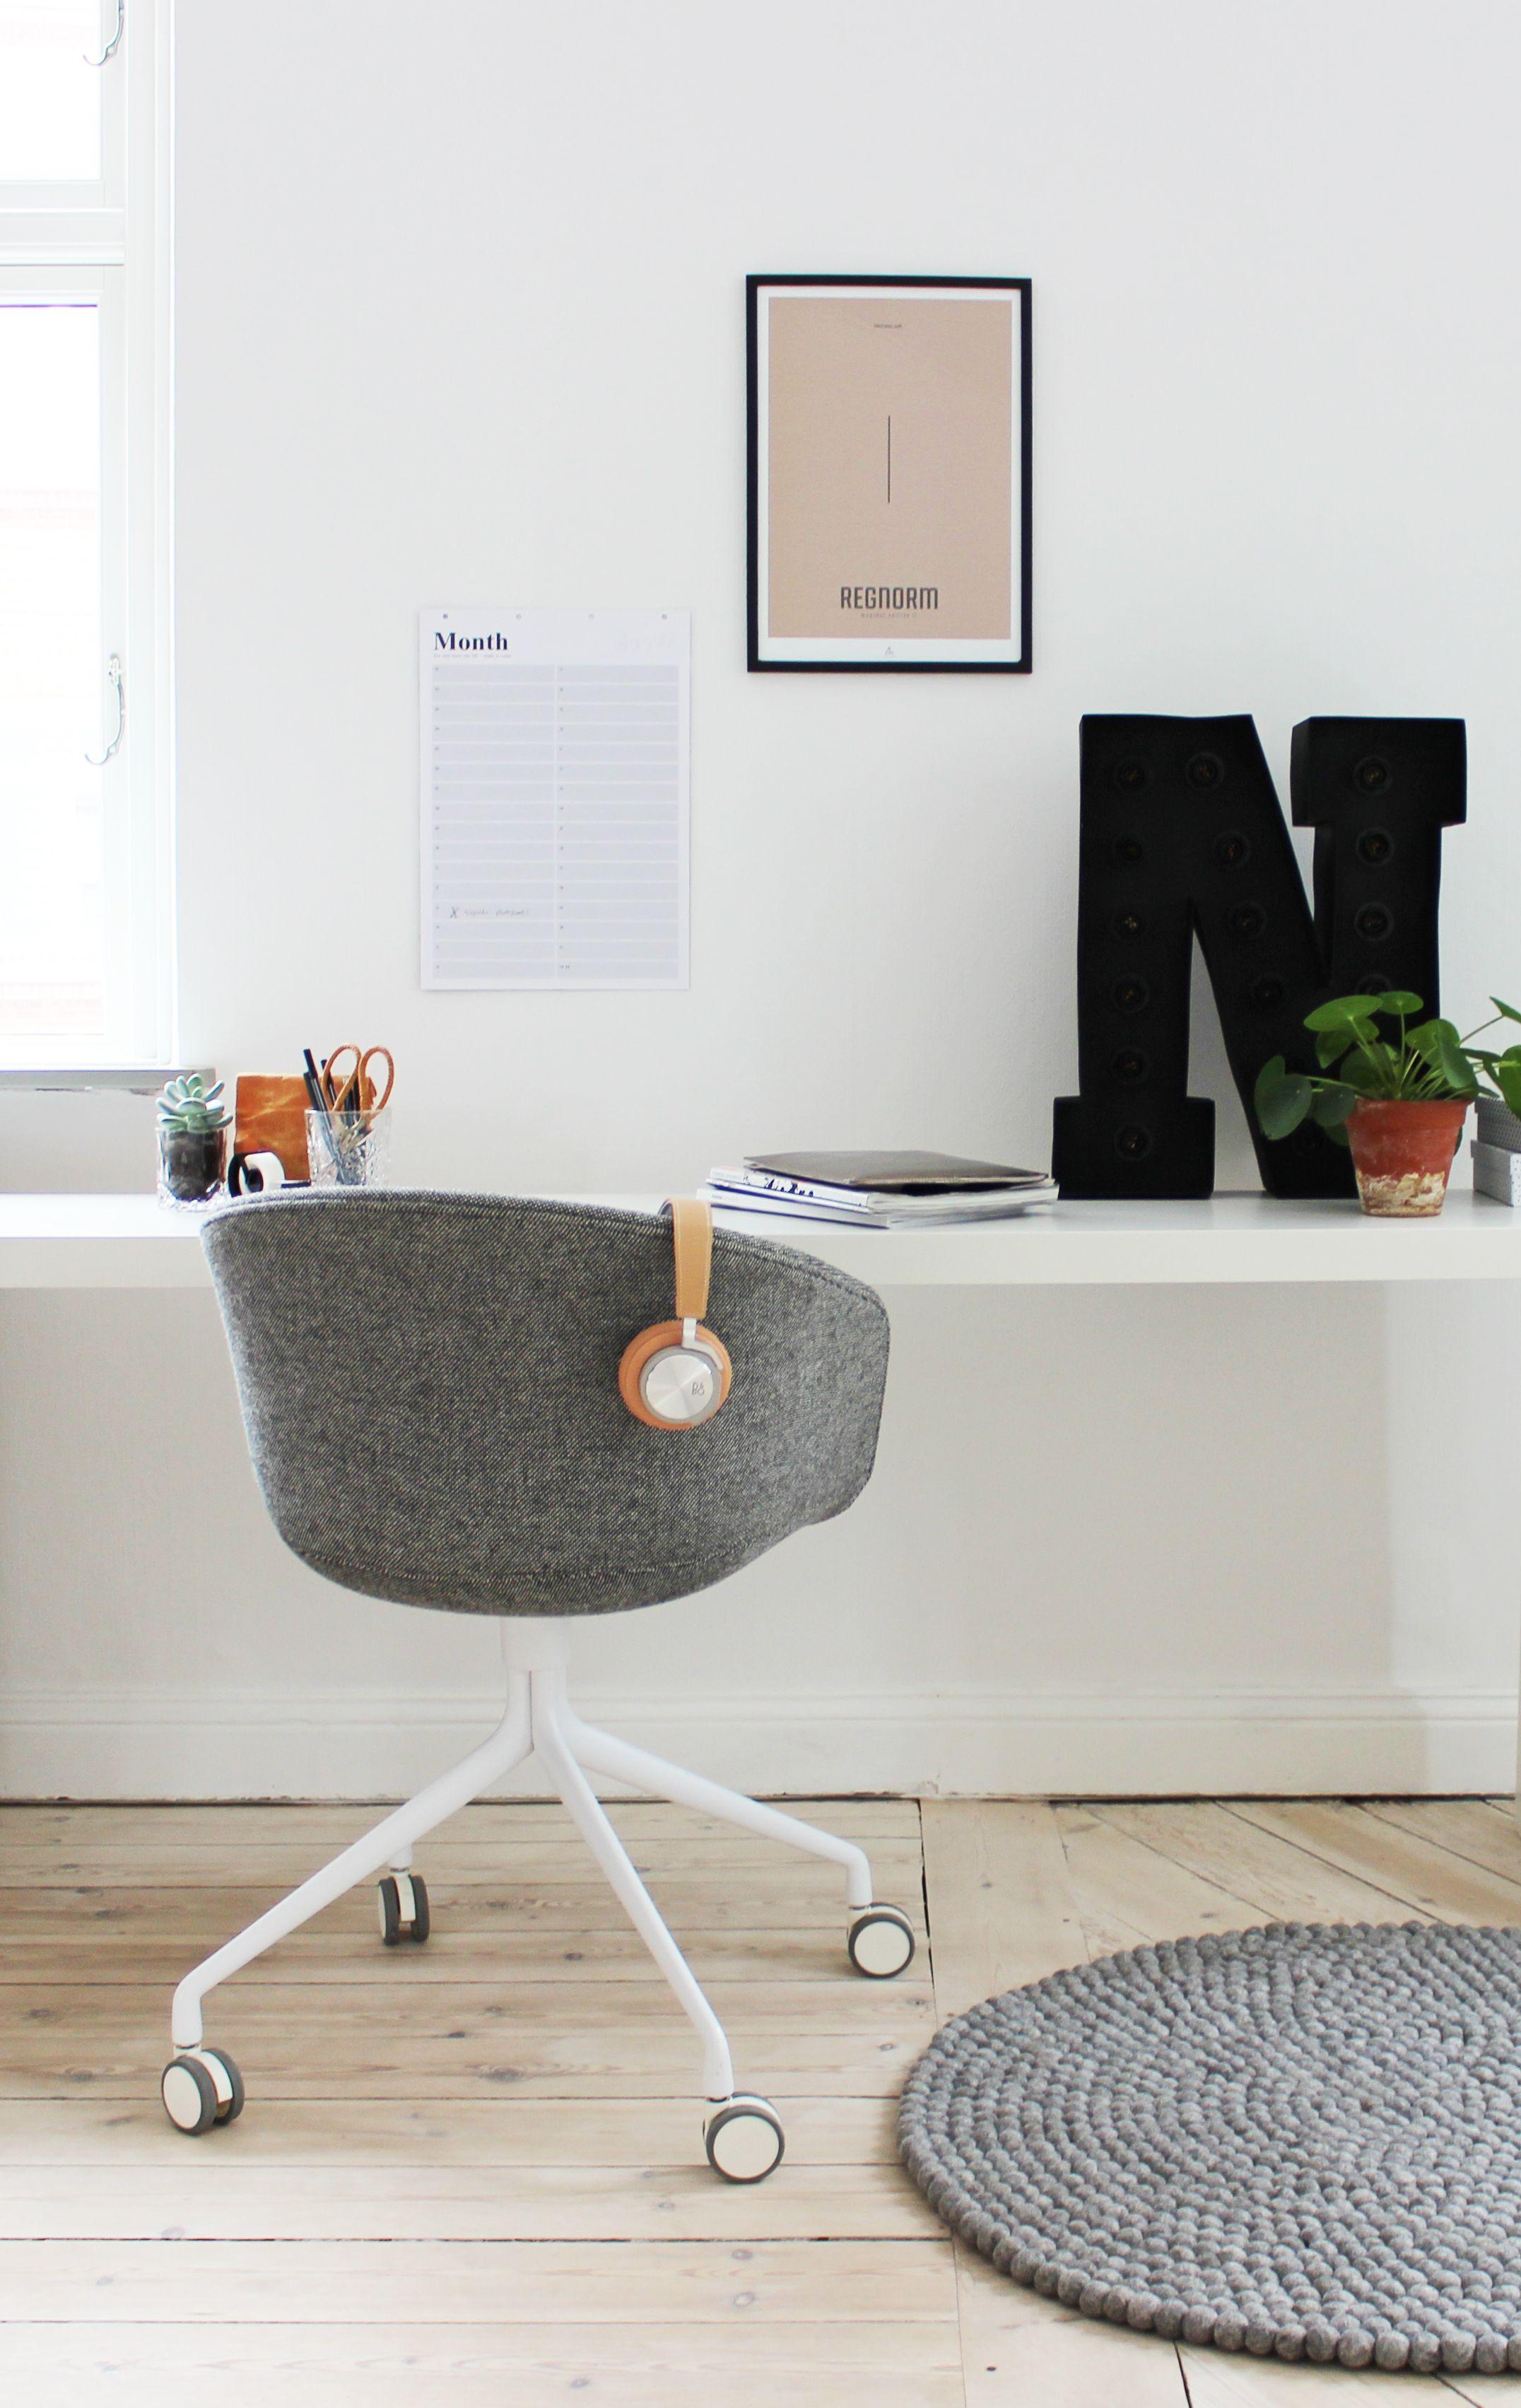 Home-office-innenarchitektur ideen pin von elle mcintosh auf haven   pinterest  filzkugel ikarus